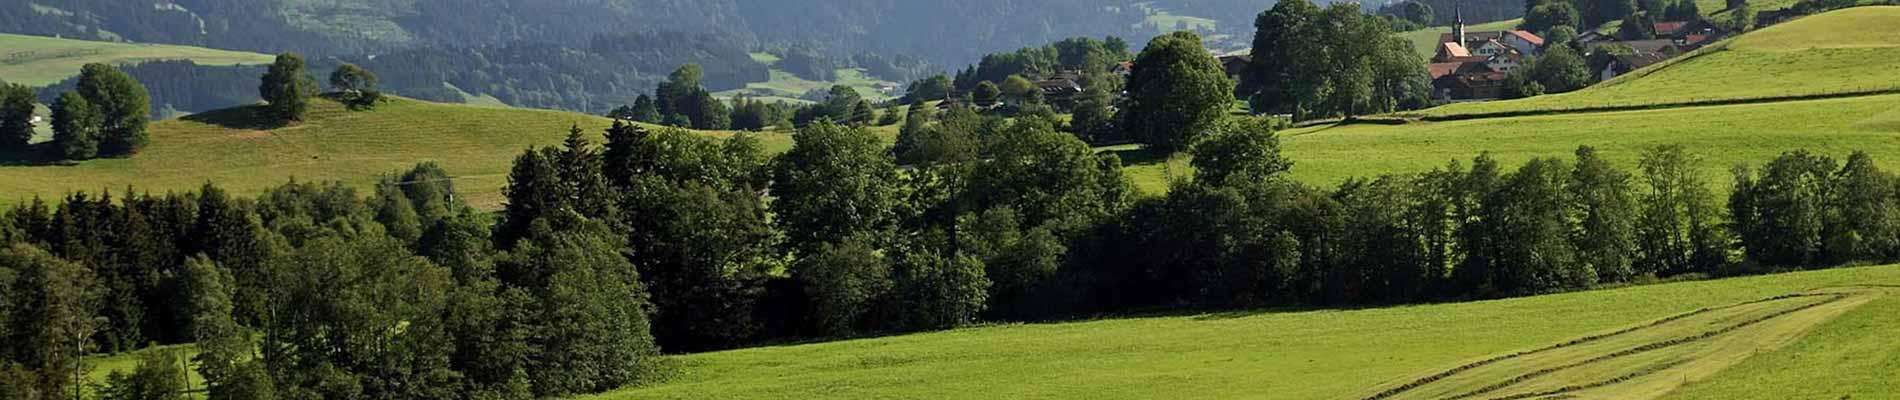 Natur-Landschaft Allgäu